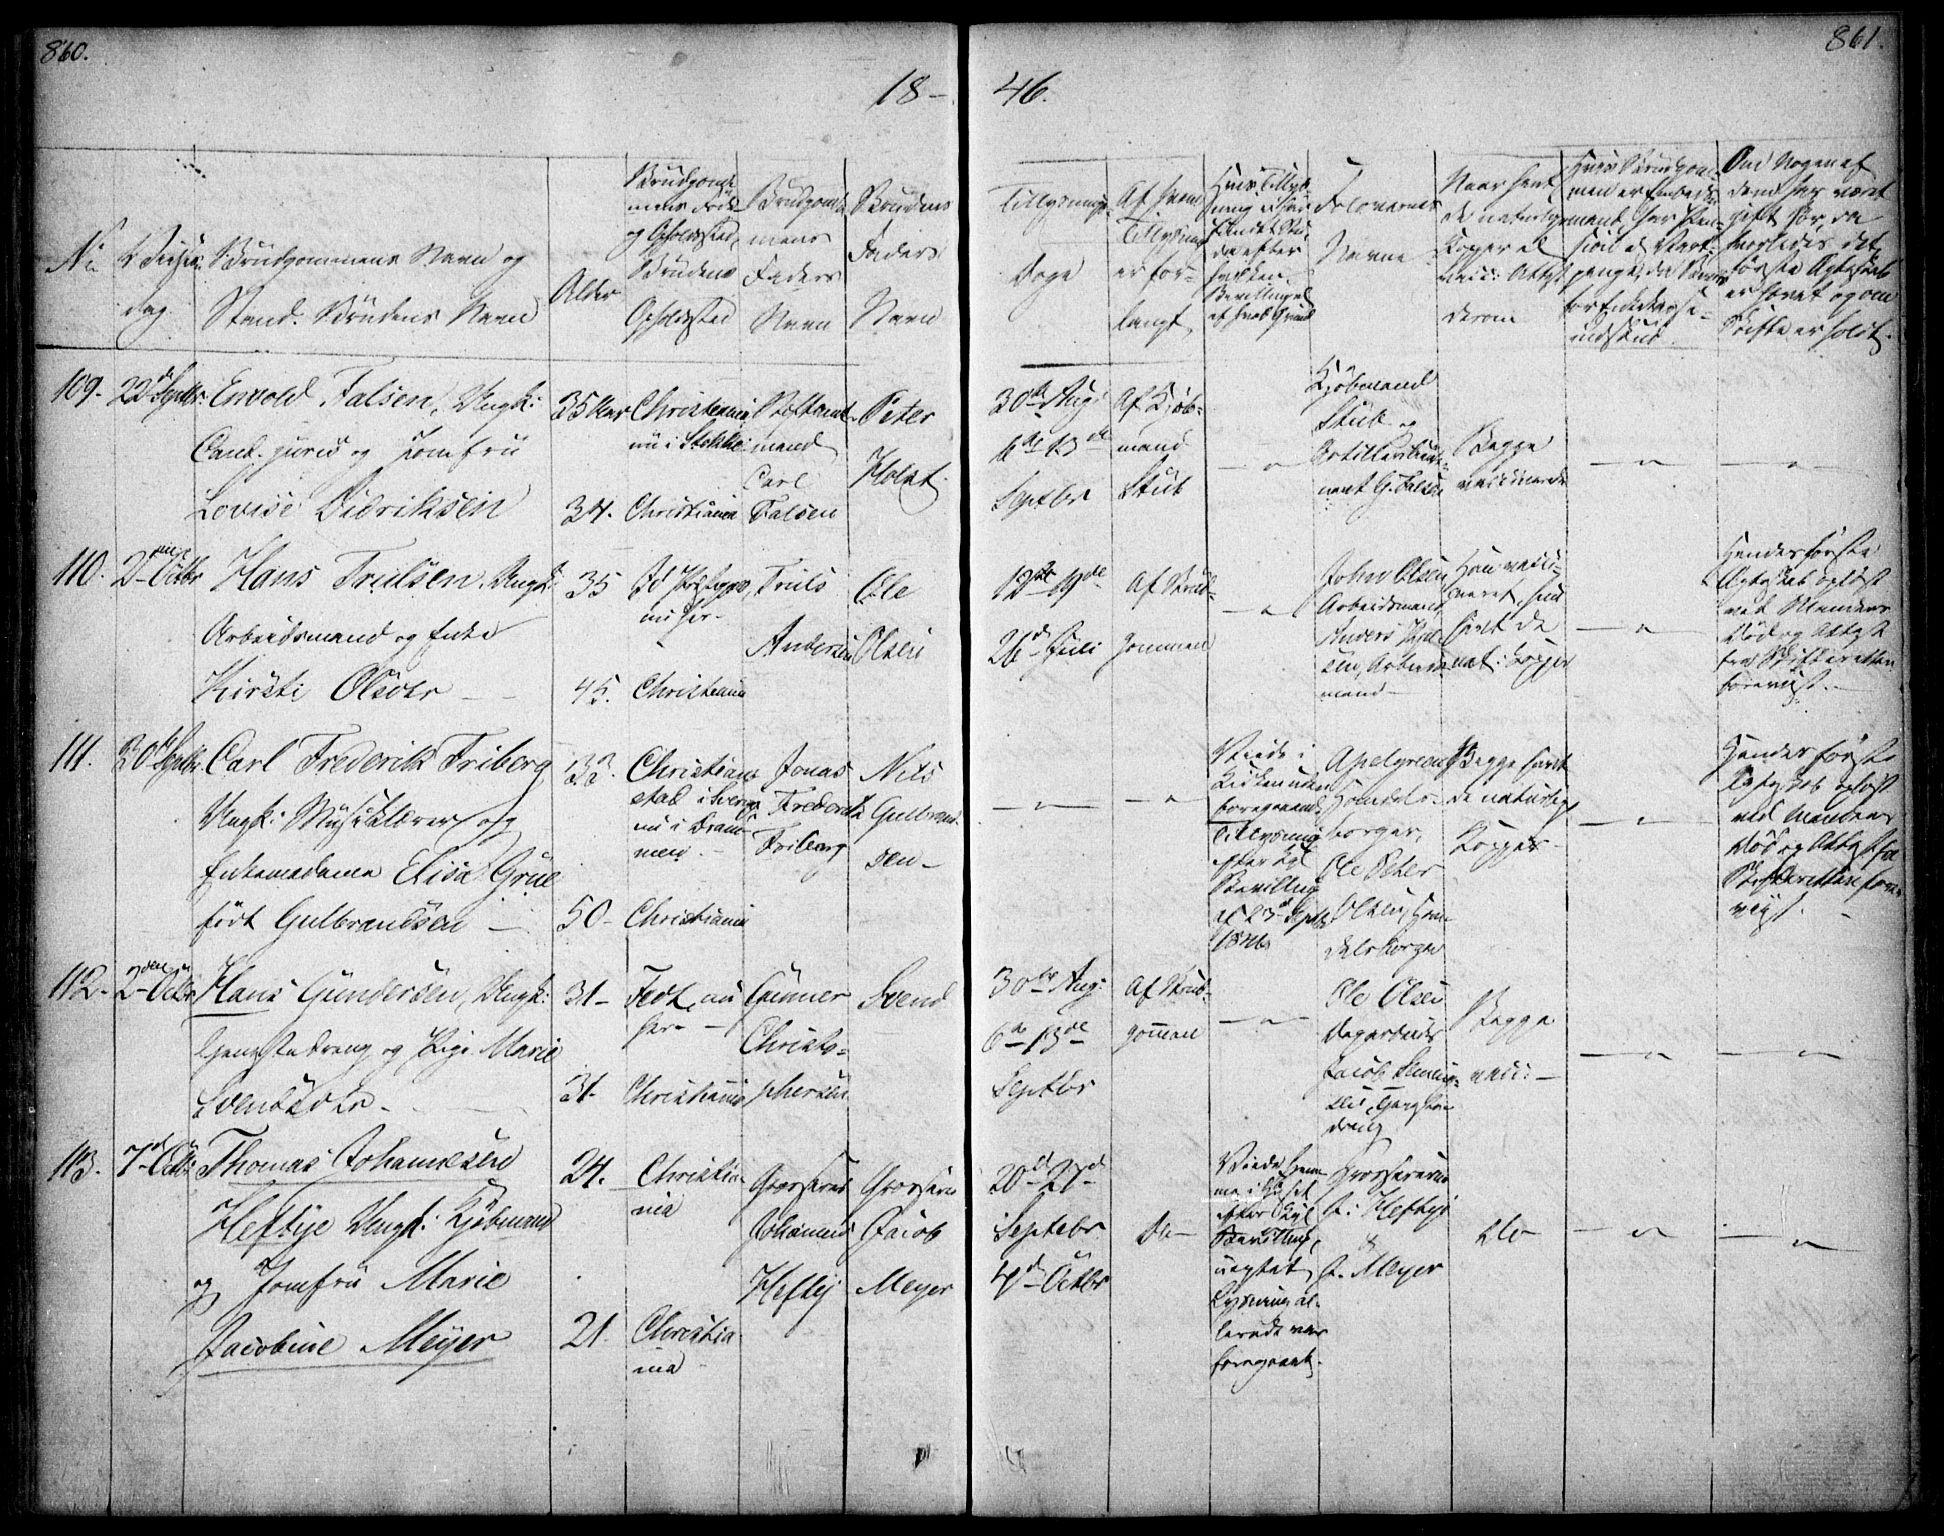 SAO, Oslo domkirke Kirkebøker, F/Fa/L0019: Ministerialbok nr. 19, 1828-1847, s. 860-861